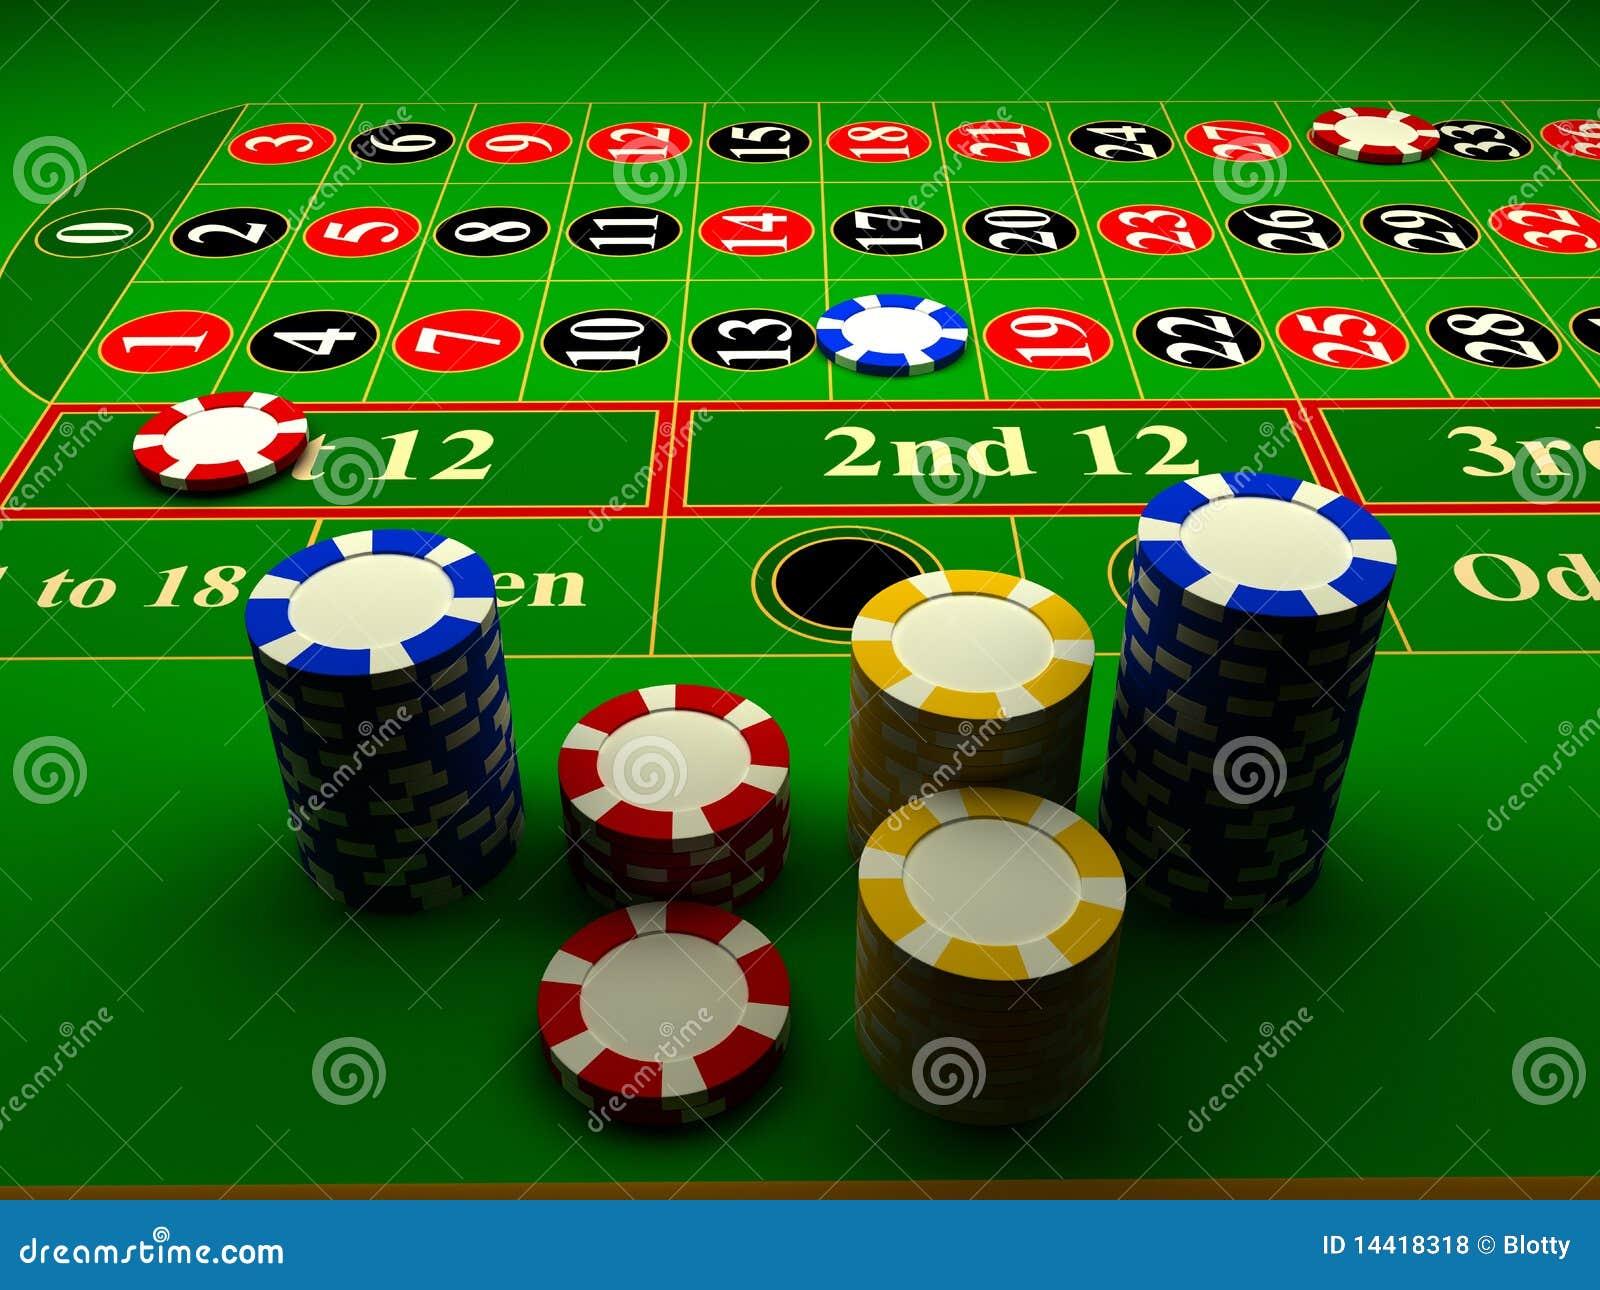 online casino roulette strategy sie spielen